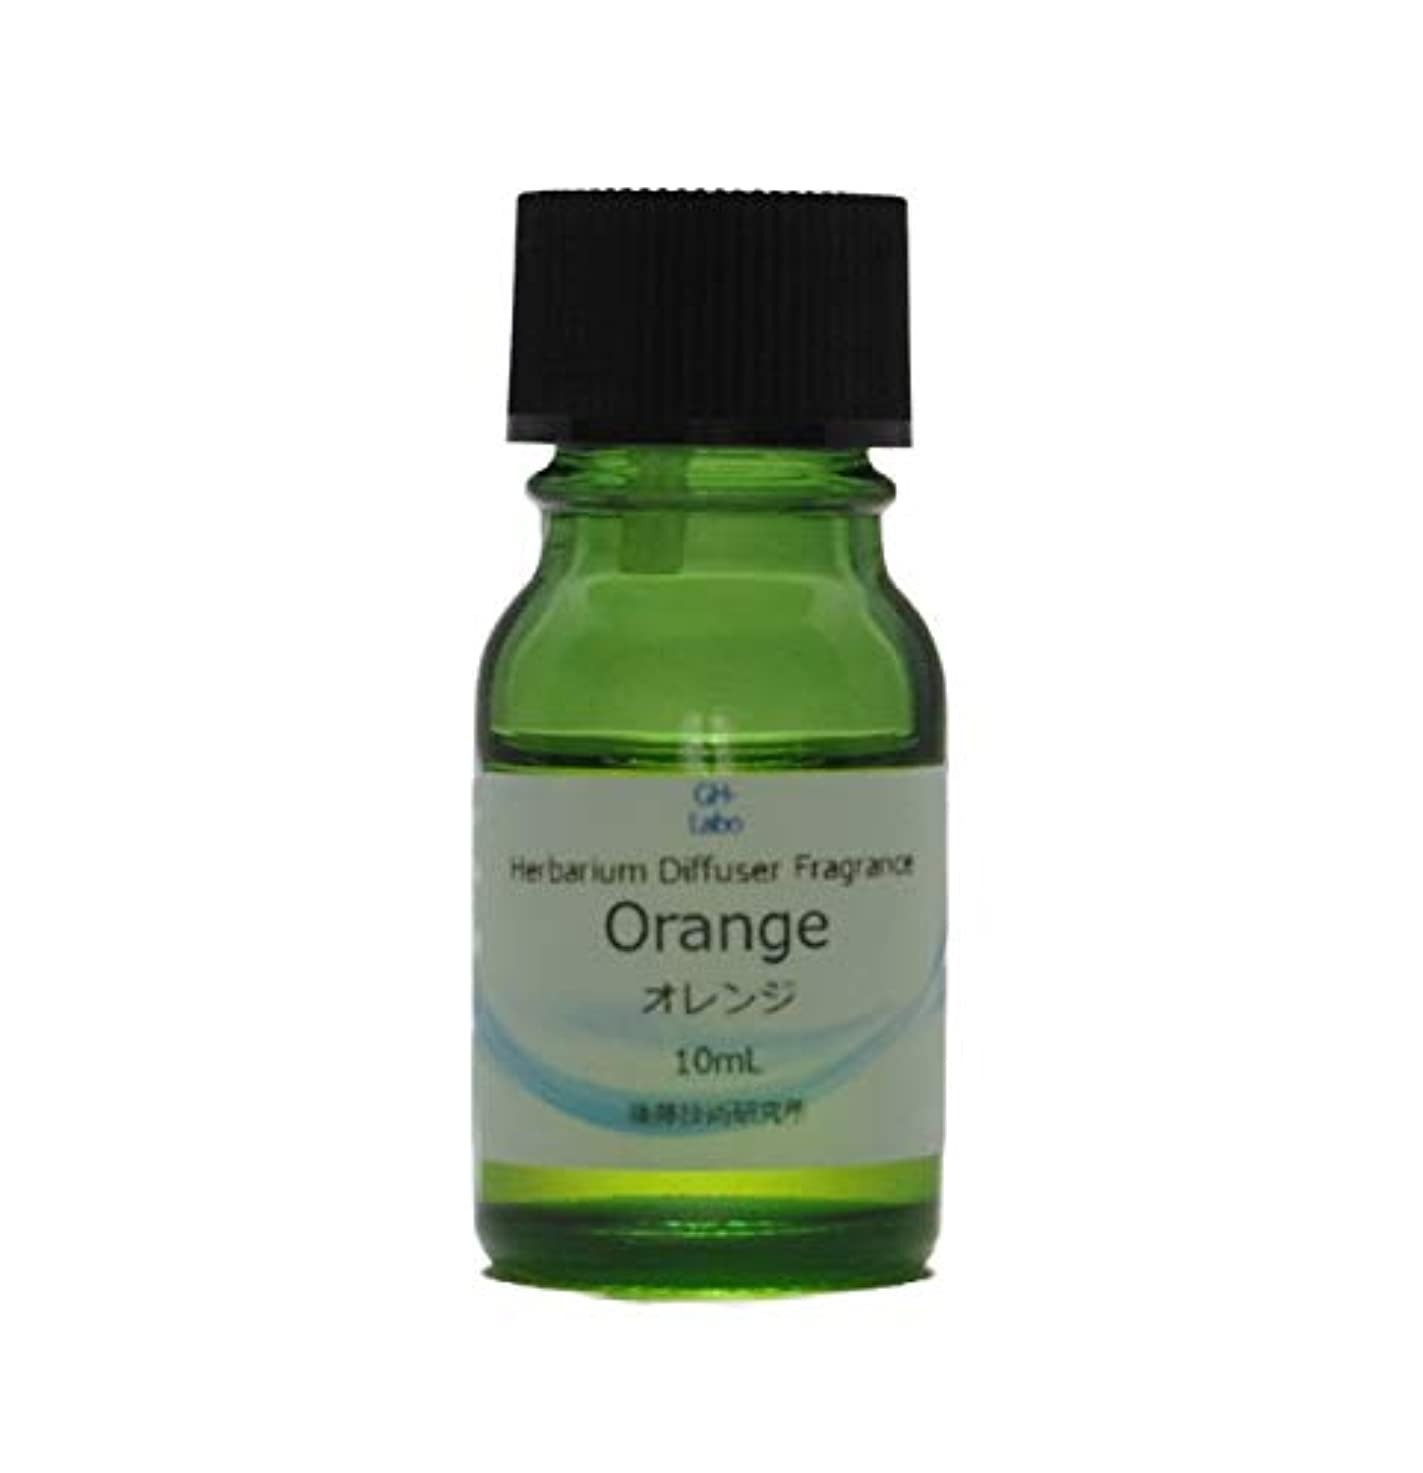 収束するアンドリューハリディ弁護人オレンジ フレグランス 香料 ディフューザー ハーバリウム アロマオイル 手作り 化粧品